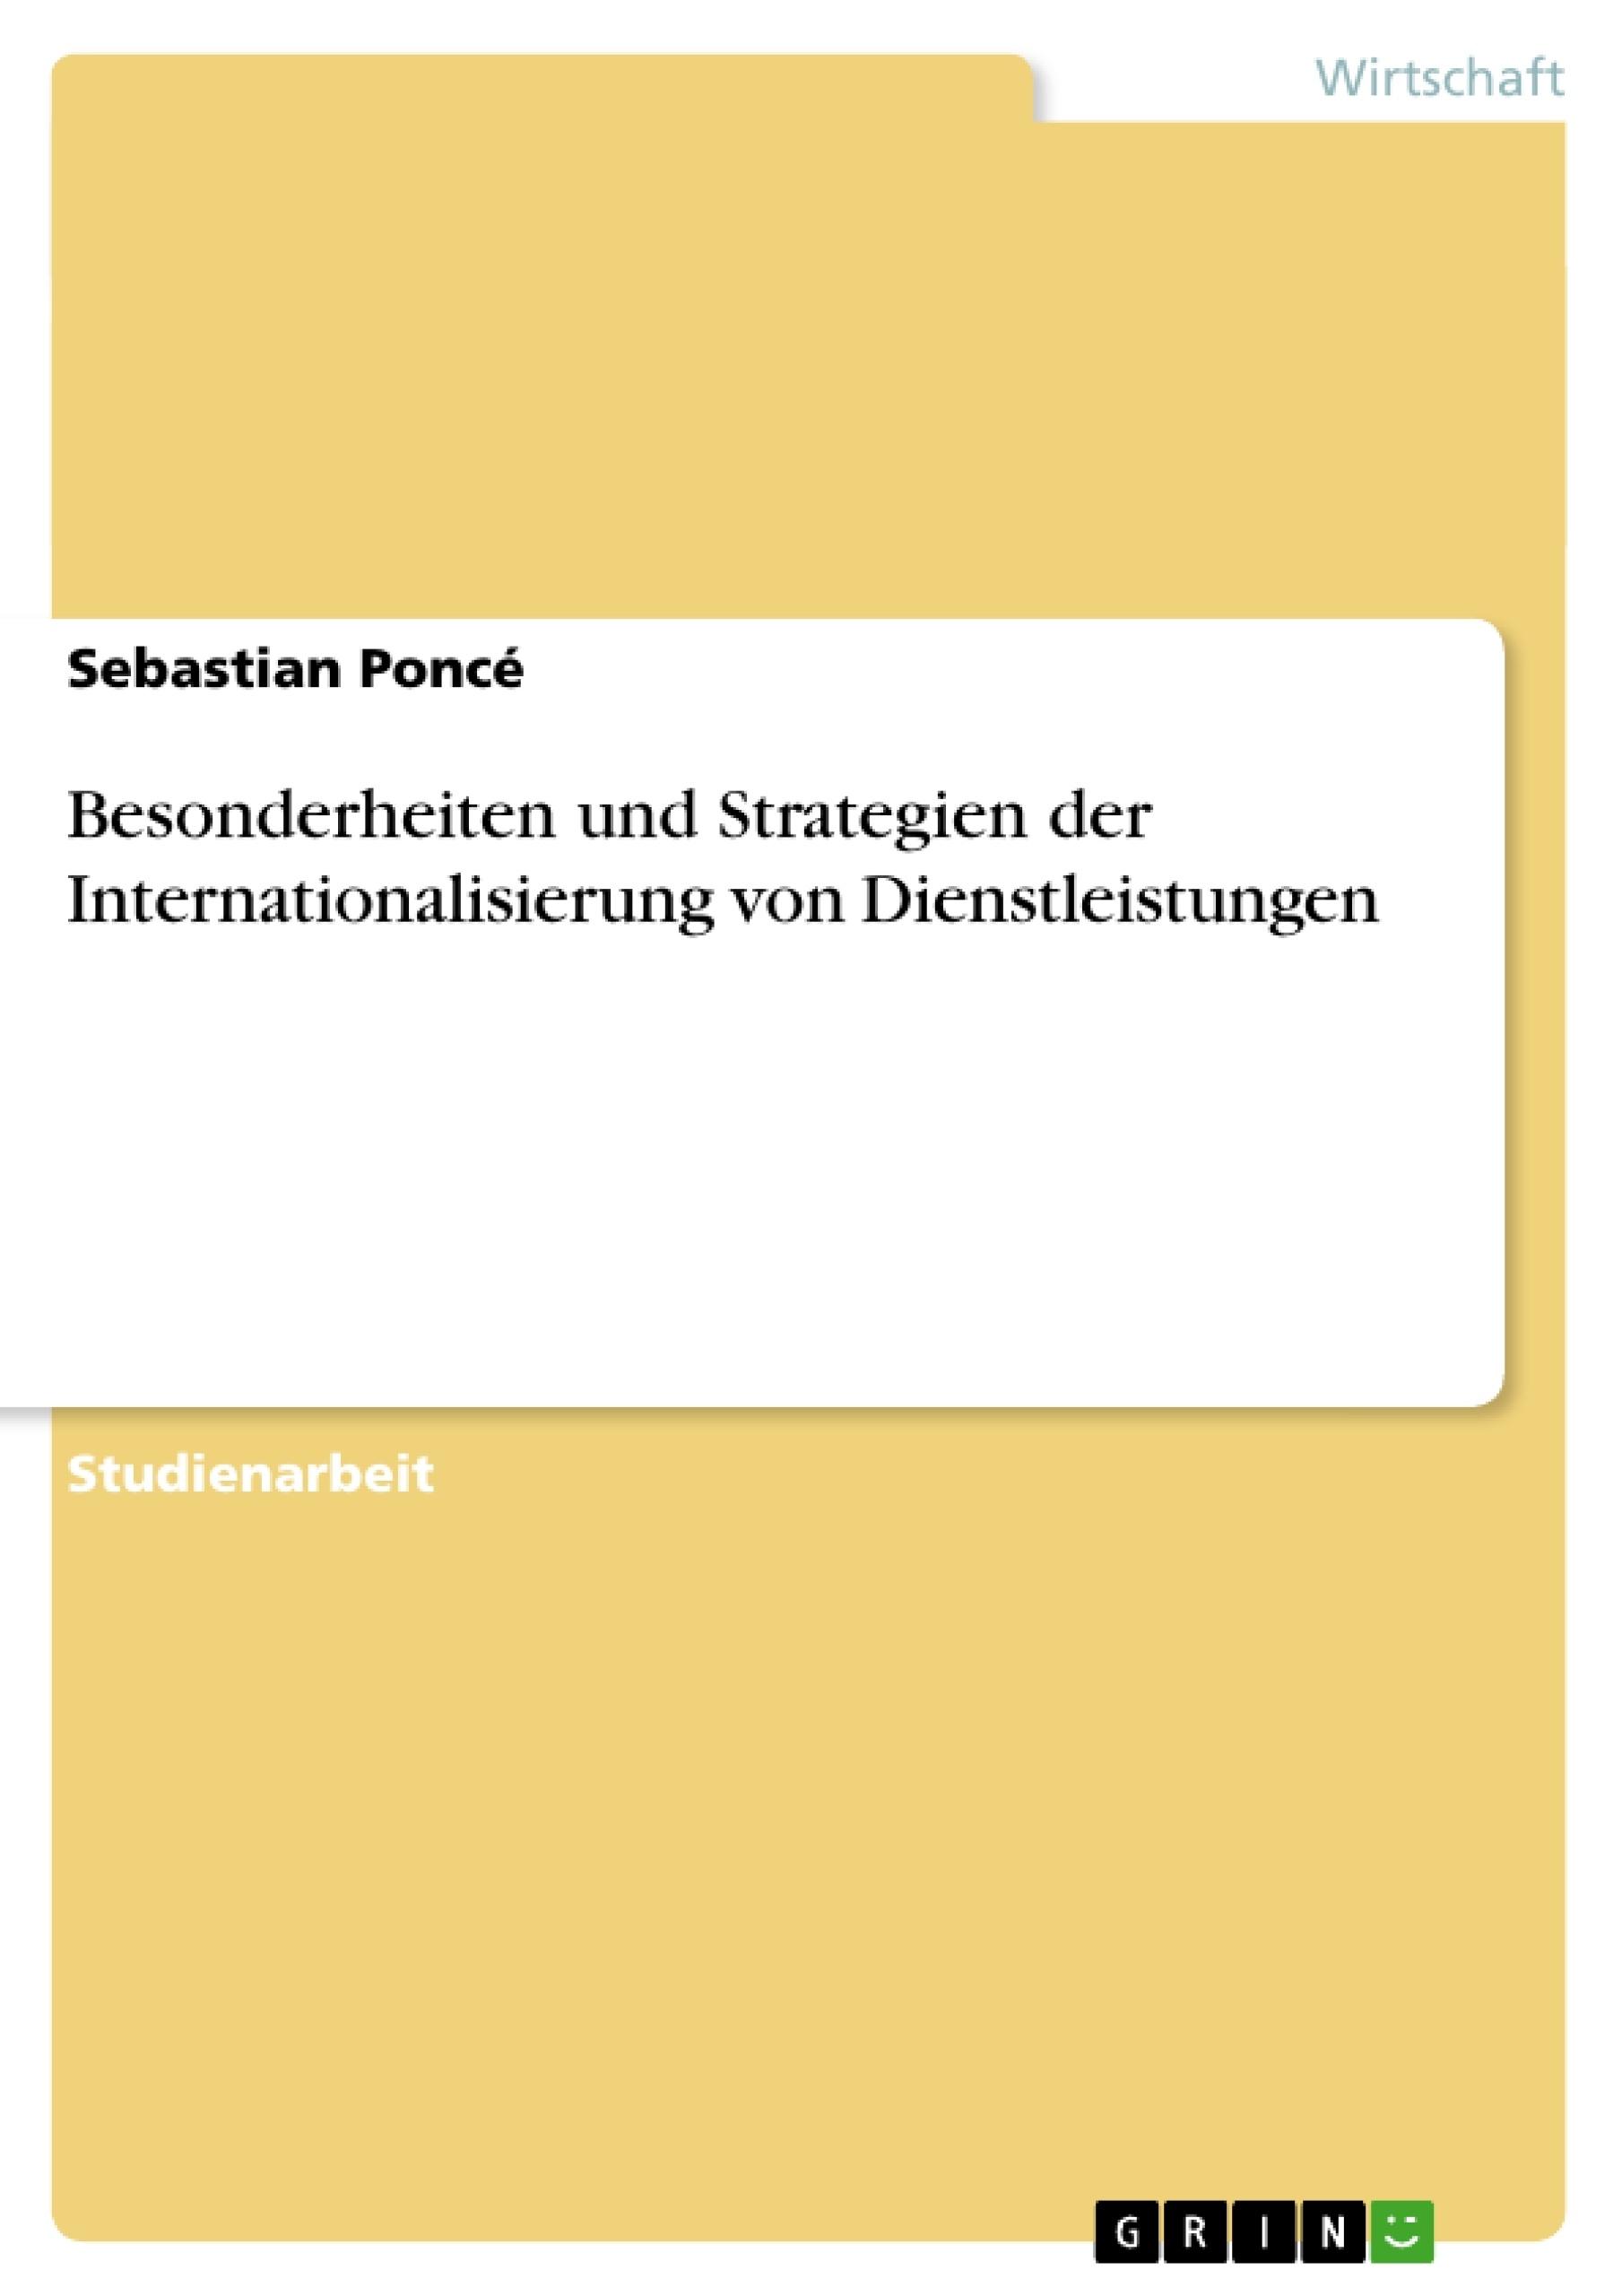 Titel: Besonderheiten und Strategien der Internationalisierung von Dienstleistungen